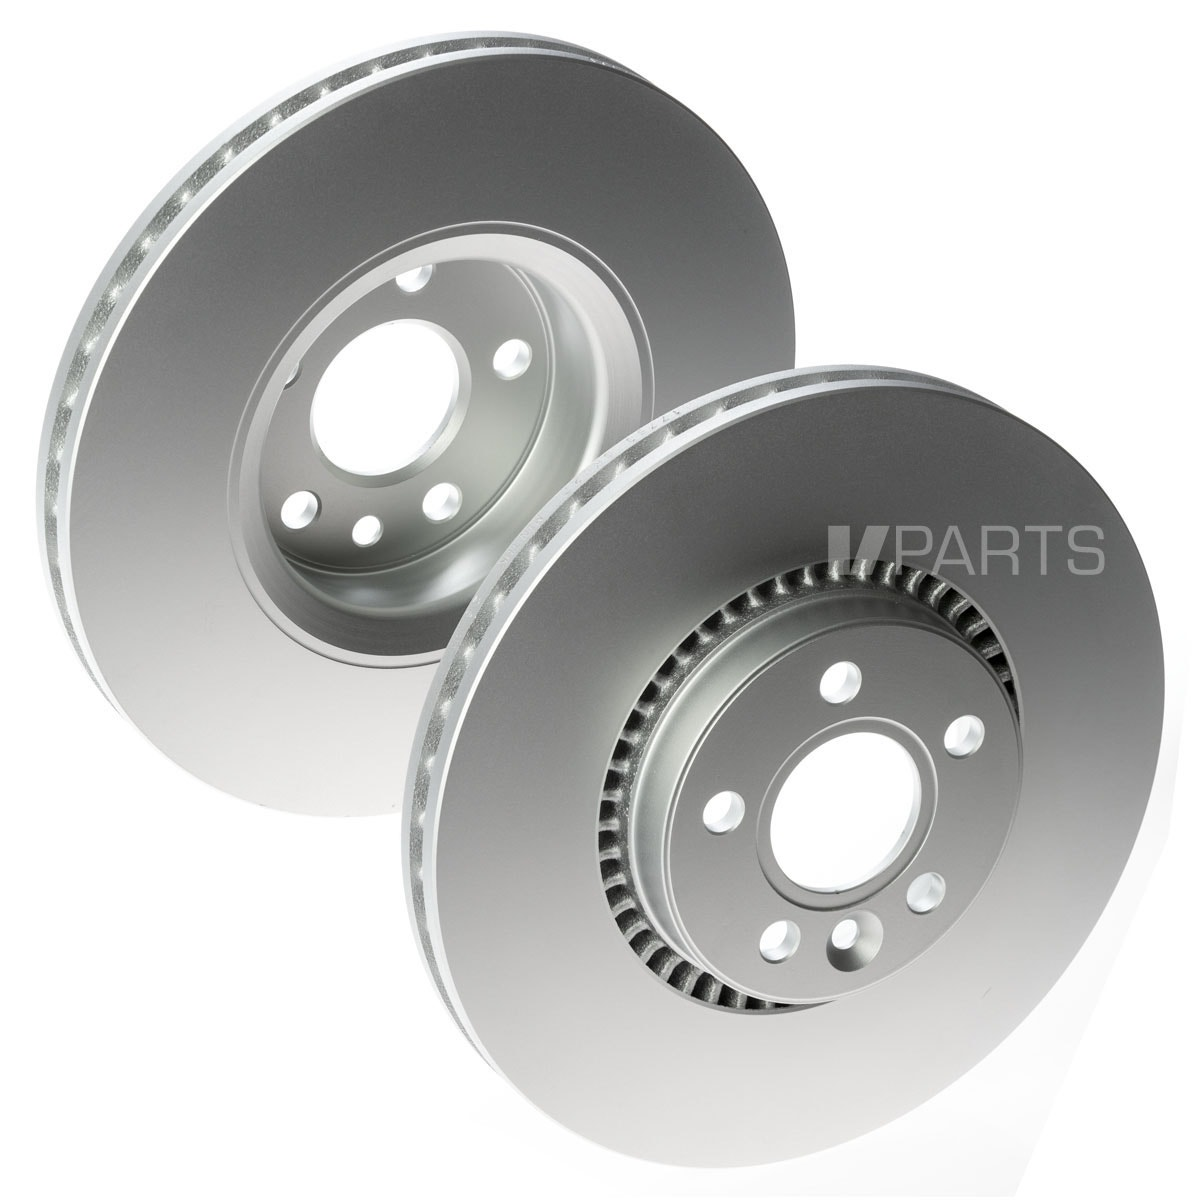 For Volvo S80 V70 XC70 S60 V60 Cardone Front Right Brake Caliper